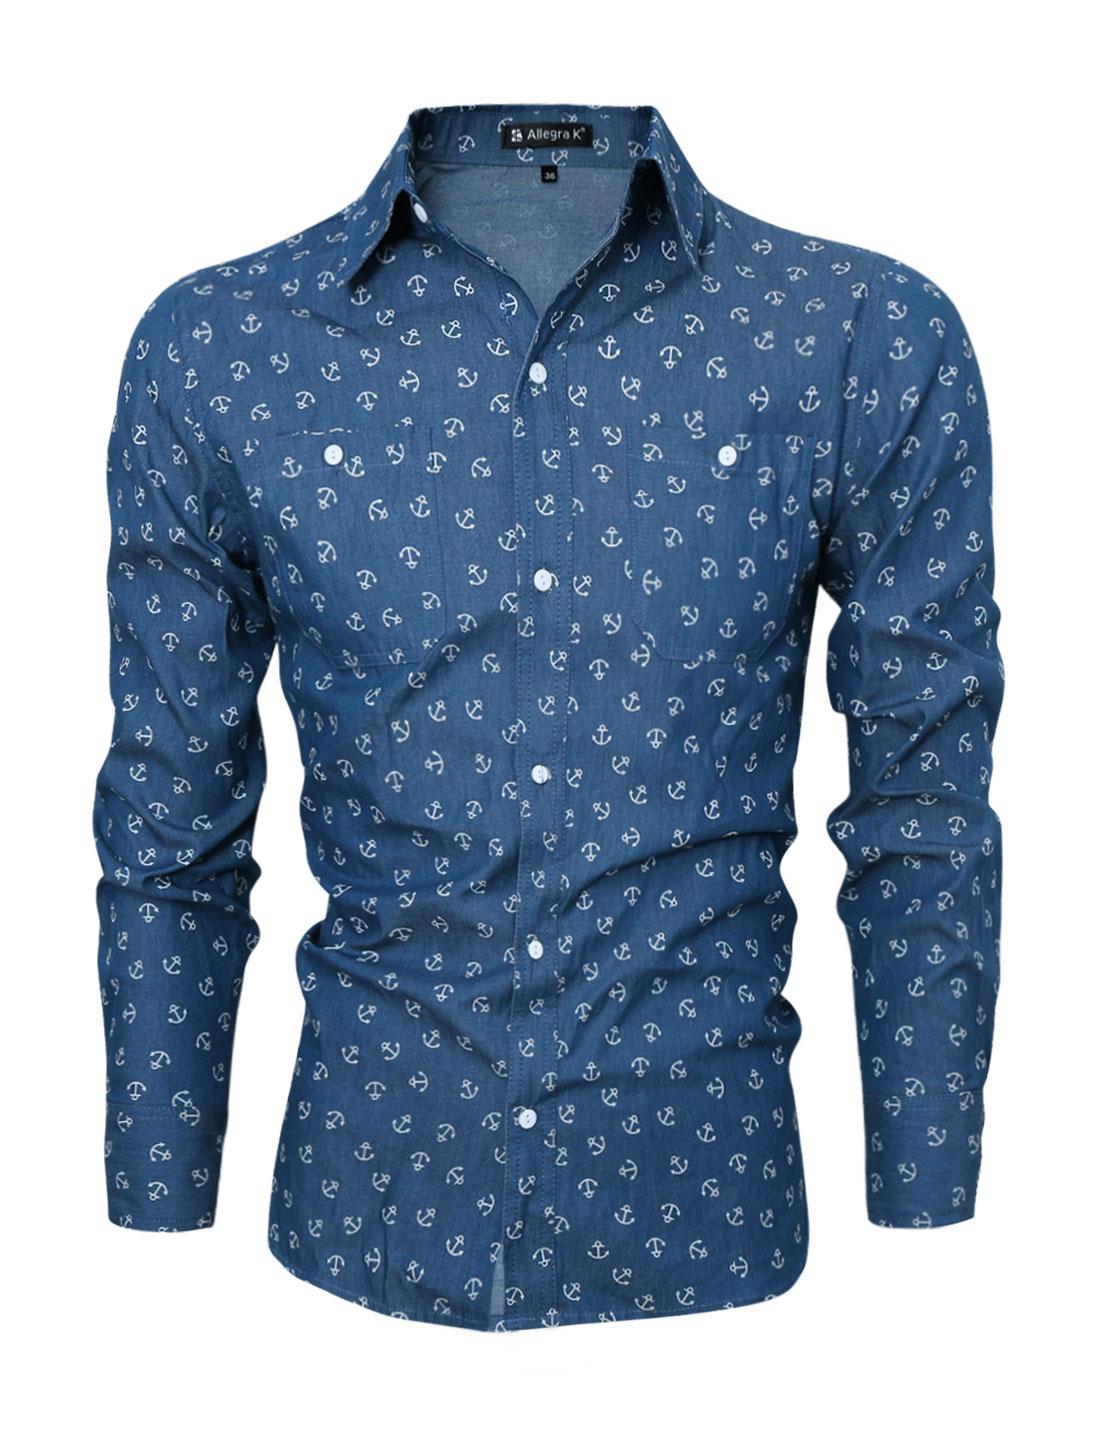 Long Sleeve Button Up Shirts For Men | Artee Shirt